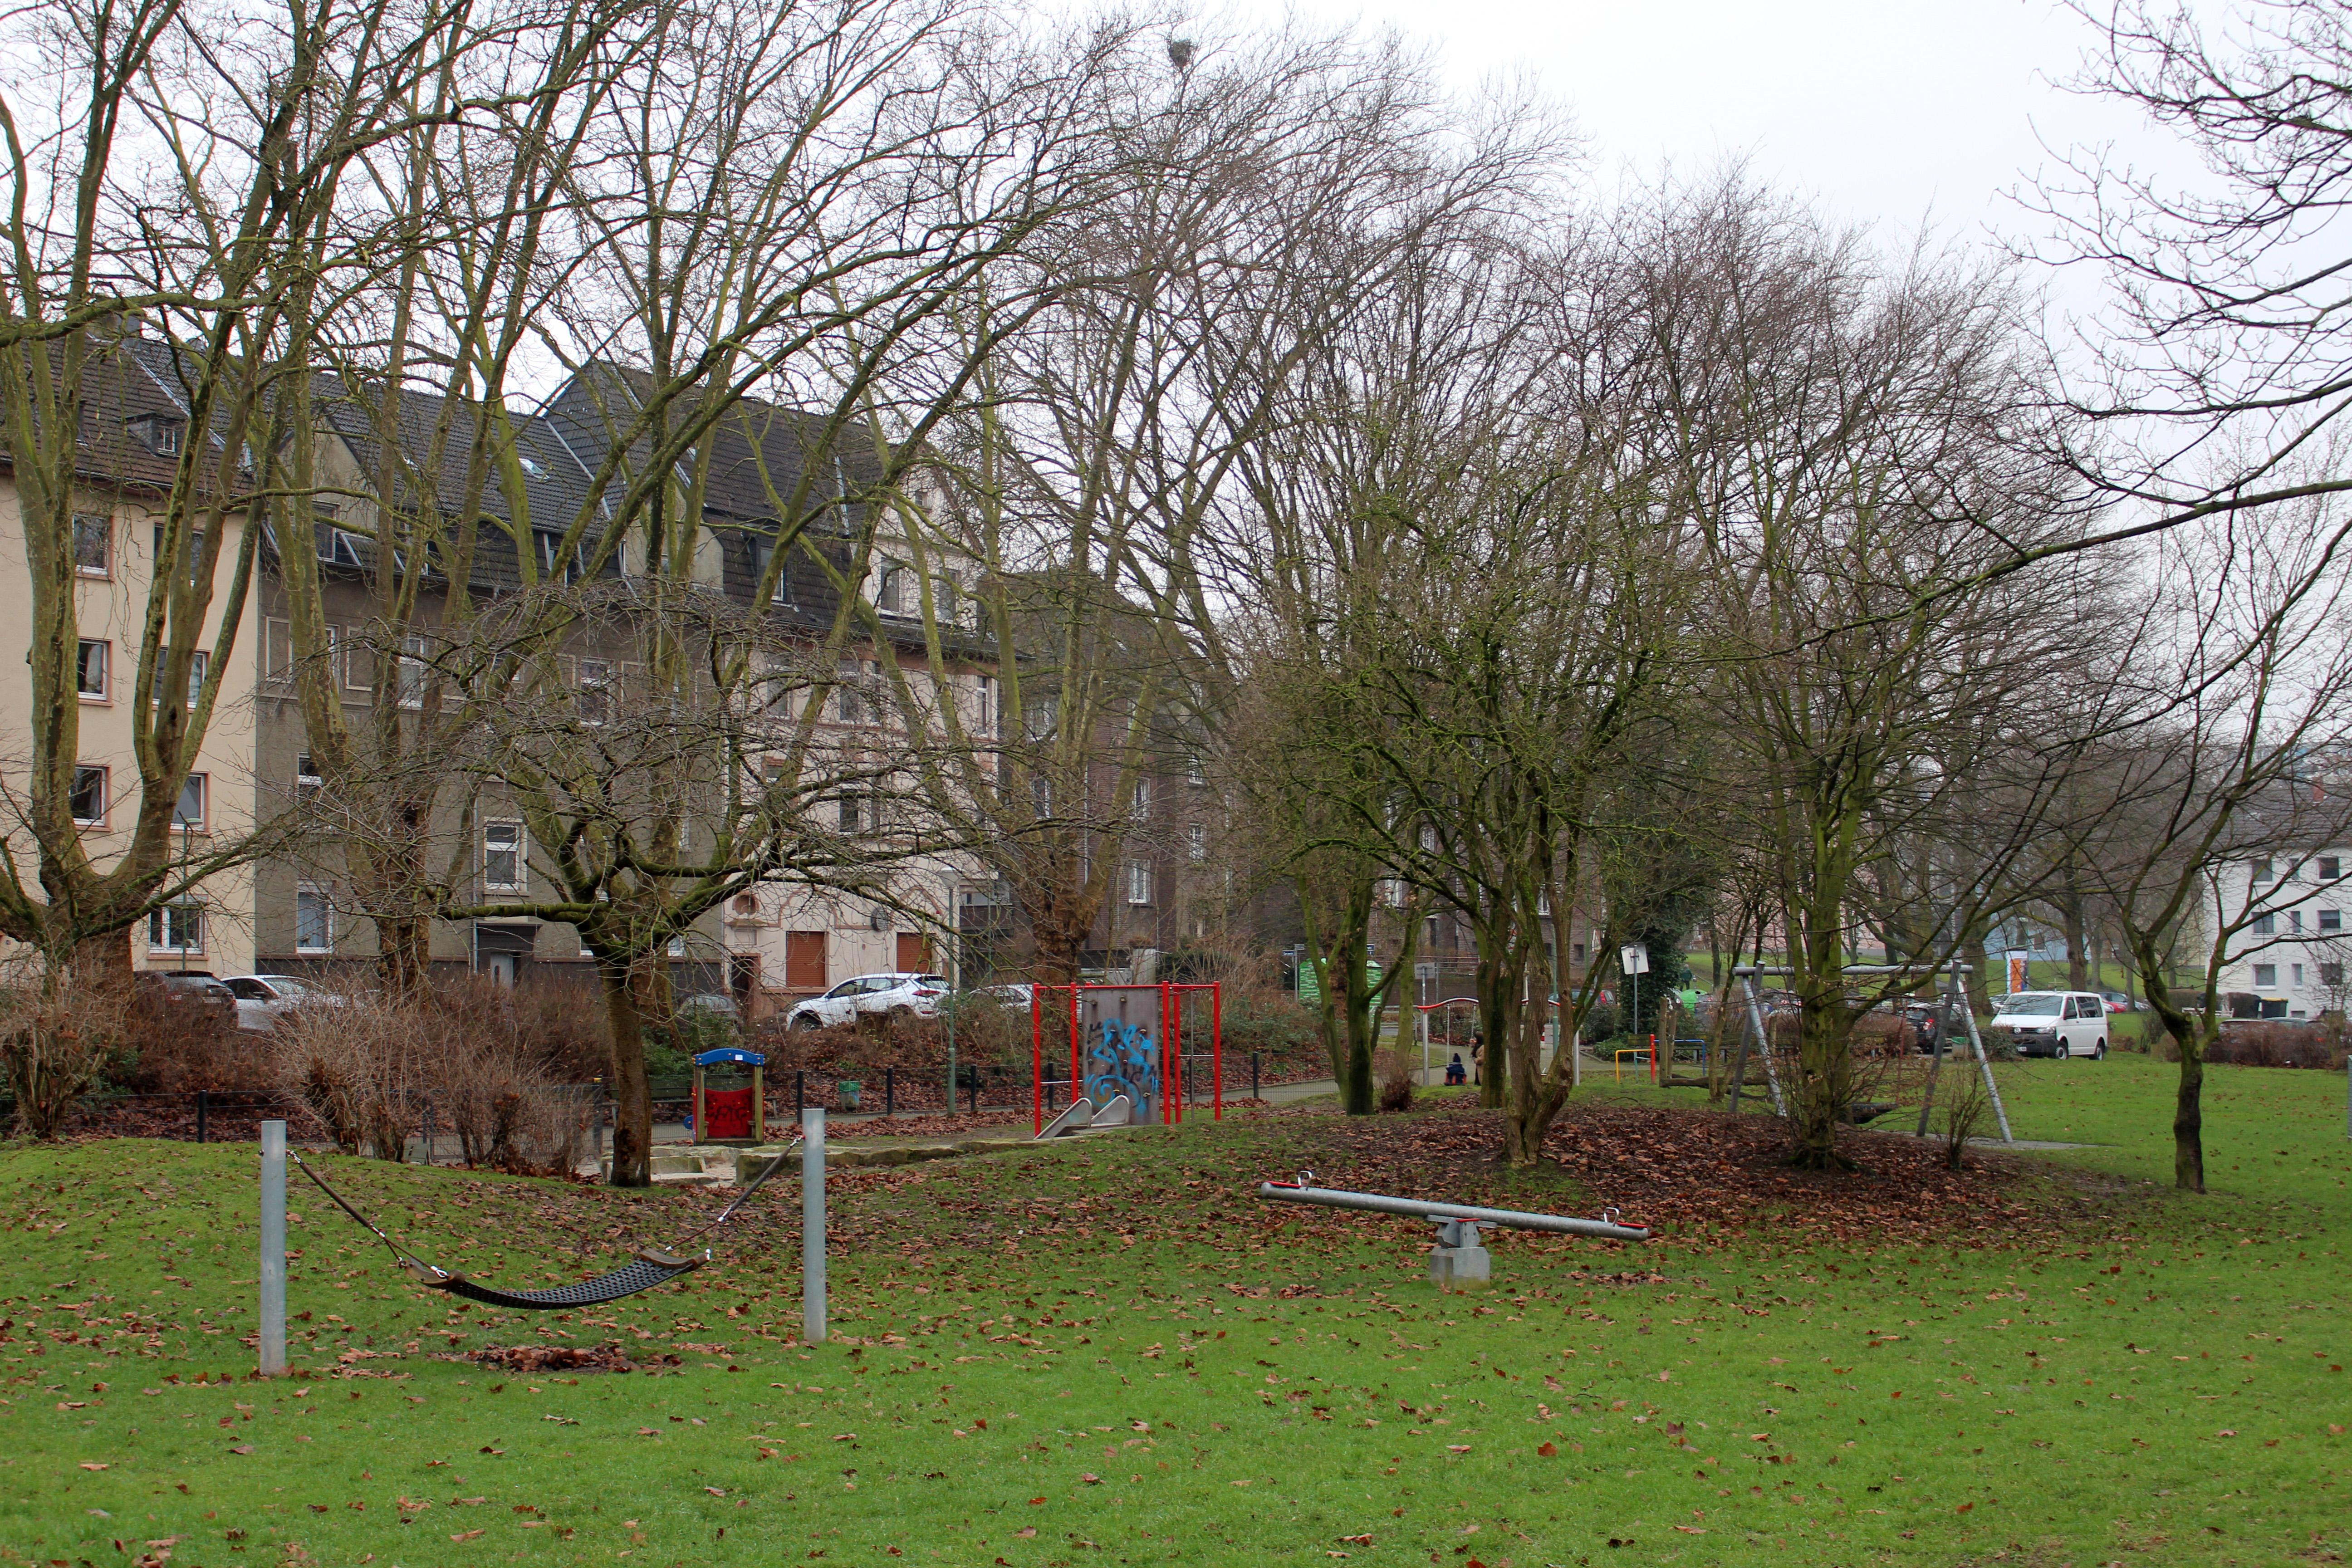 Spielplatz auf einer grünen Wiese, der sich vor einer Häuserreihe und blattlosen Bäumen befindet